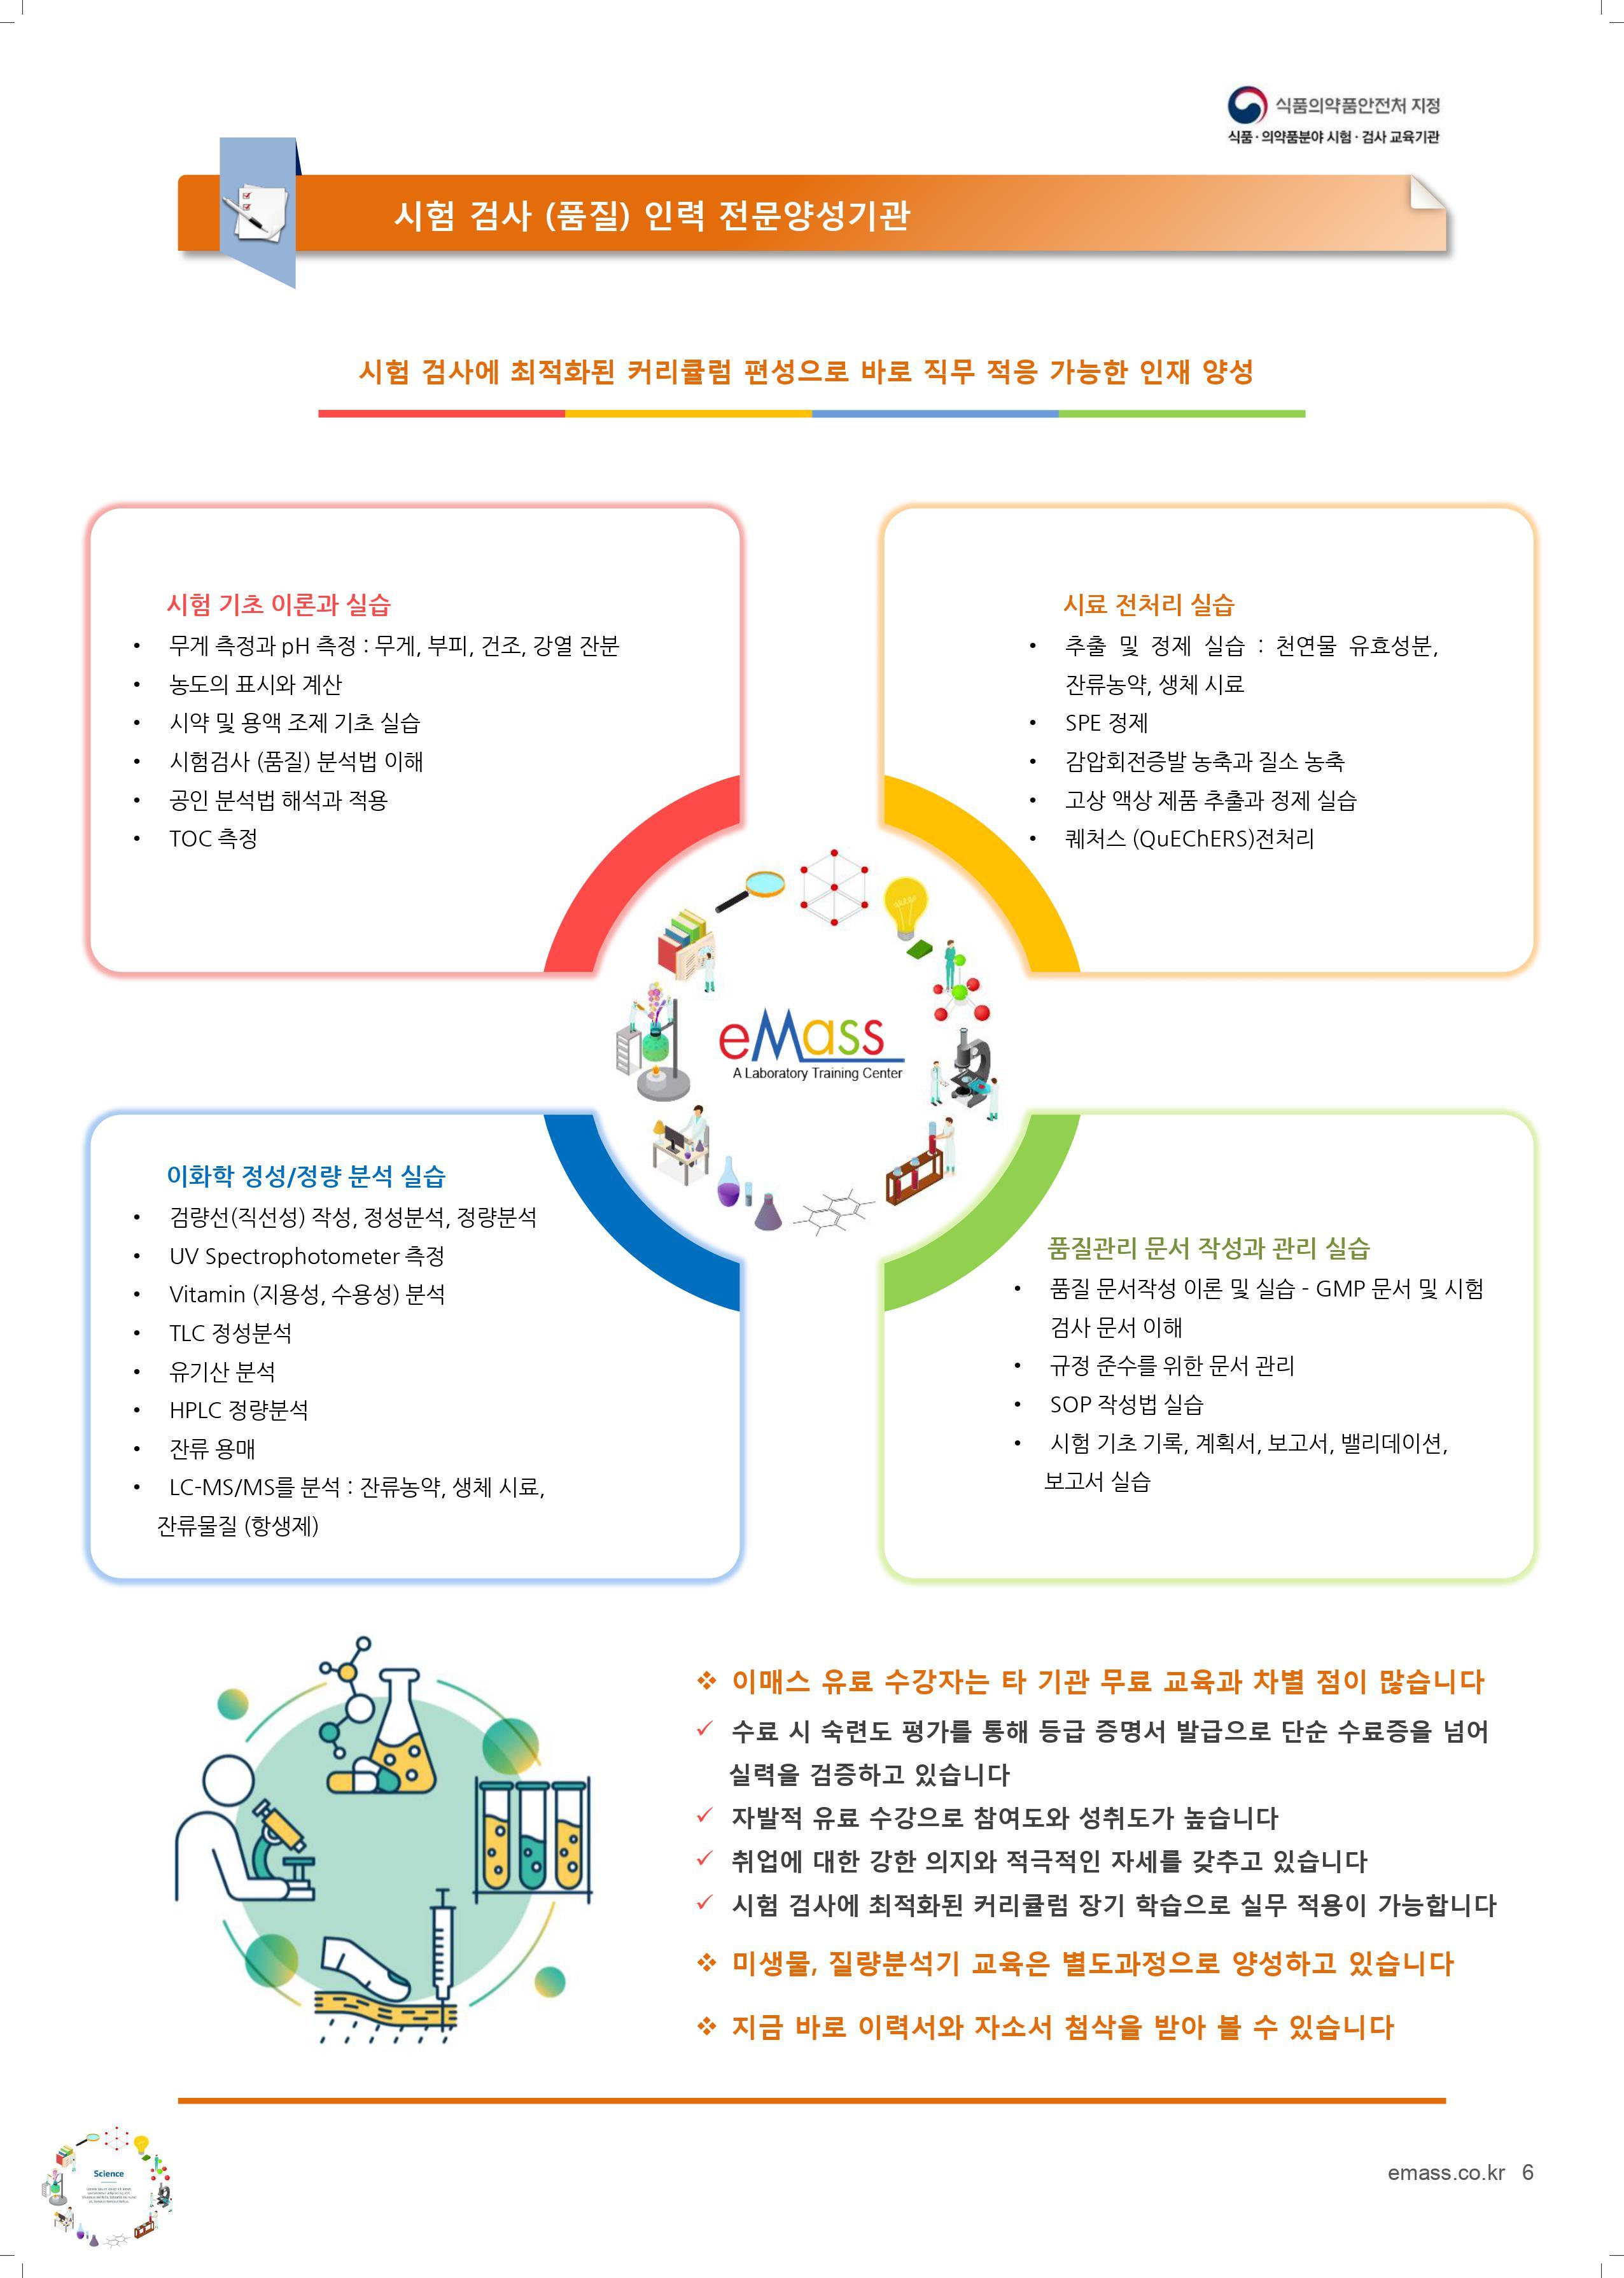 2회사소개_시험검사양성기관.jpg